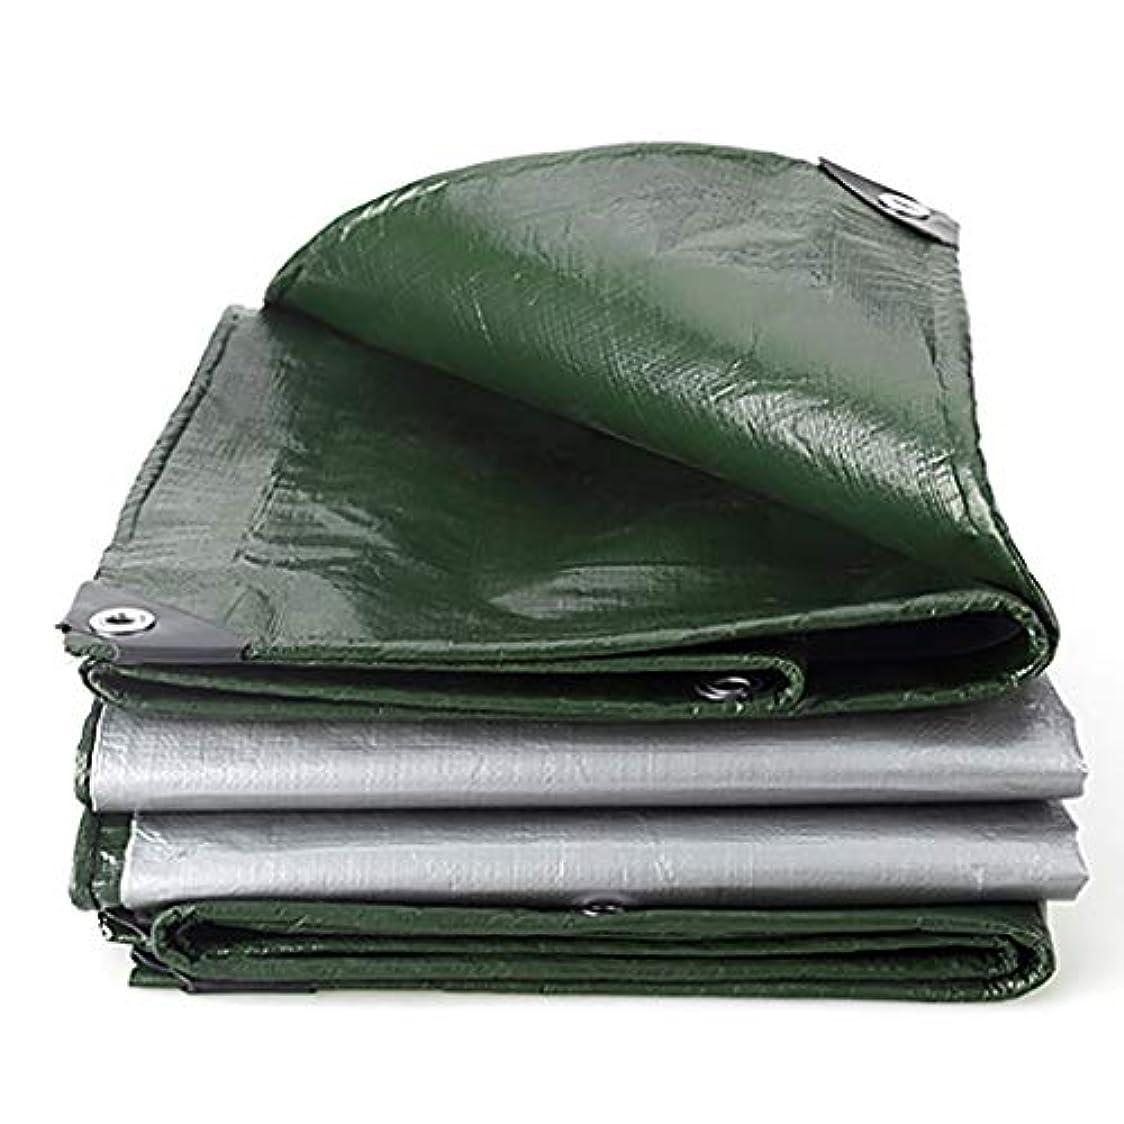 入場料盲目限界タープ キャンプ用防水シート防水ポリプロピレン防水シート風雨防止、酸化防止、軽量 テント (Color : Green and Silver, Size : 5m×8m)